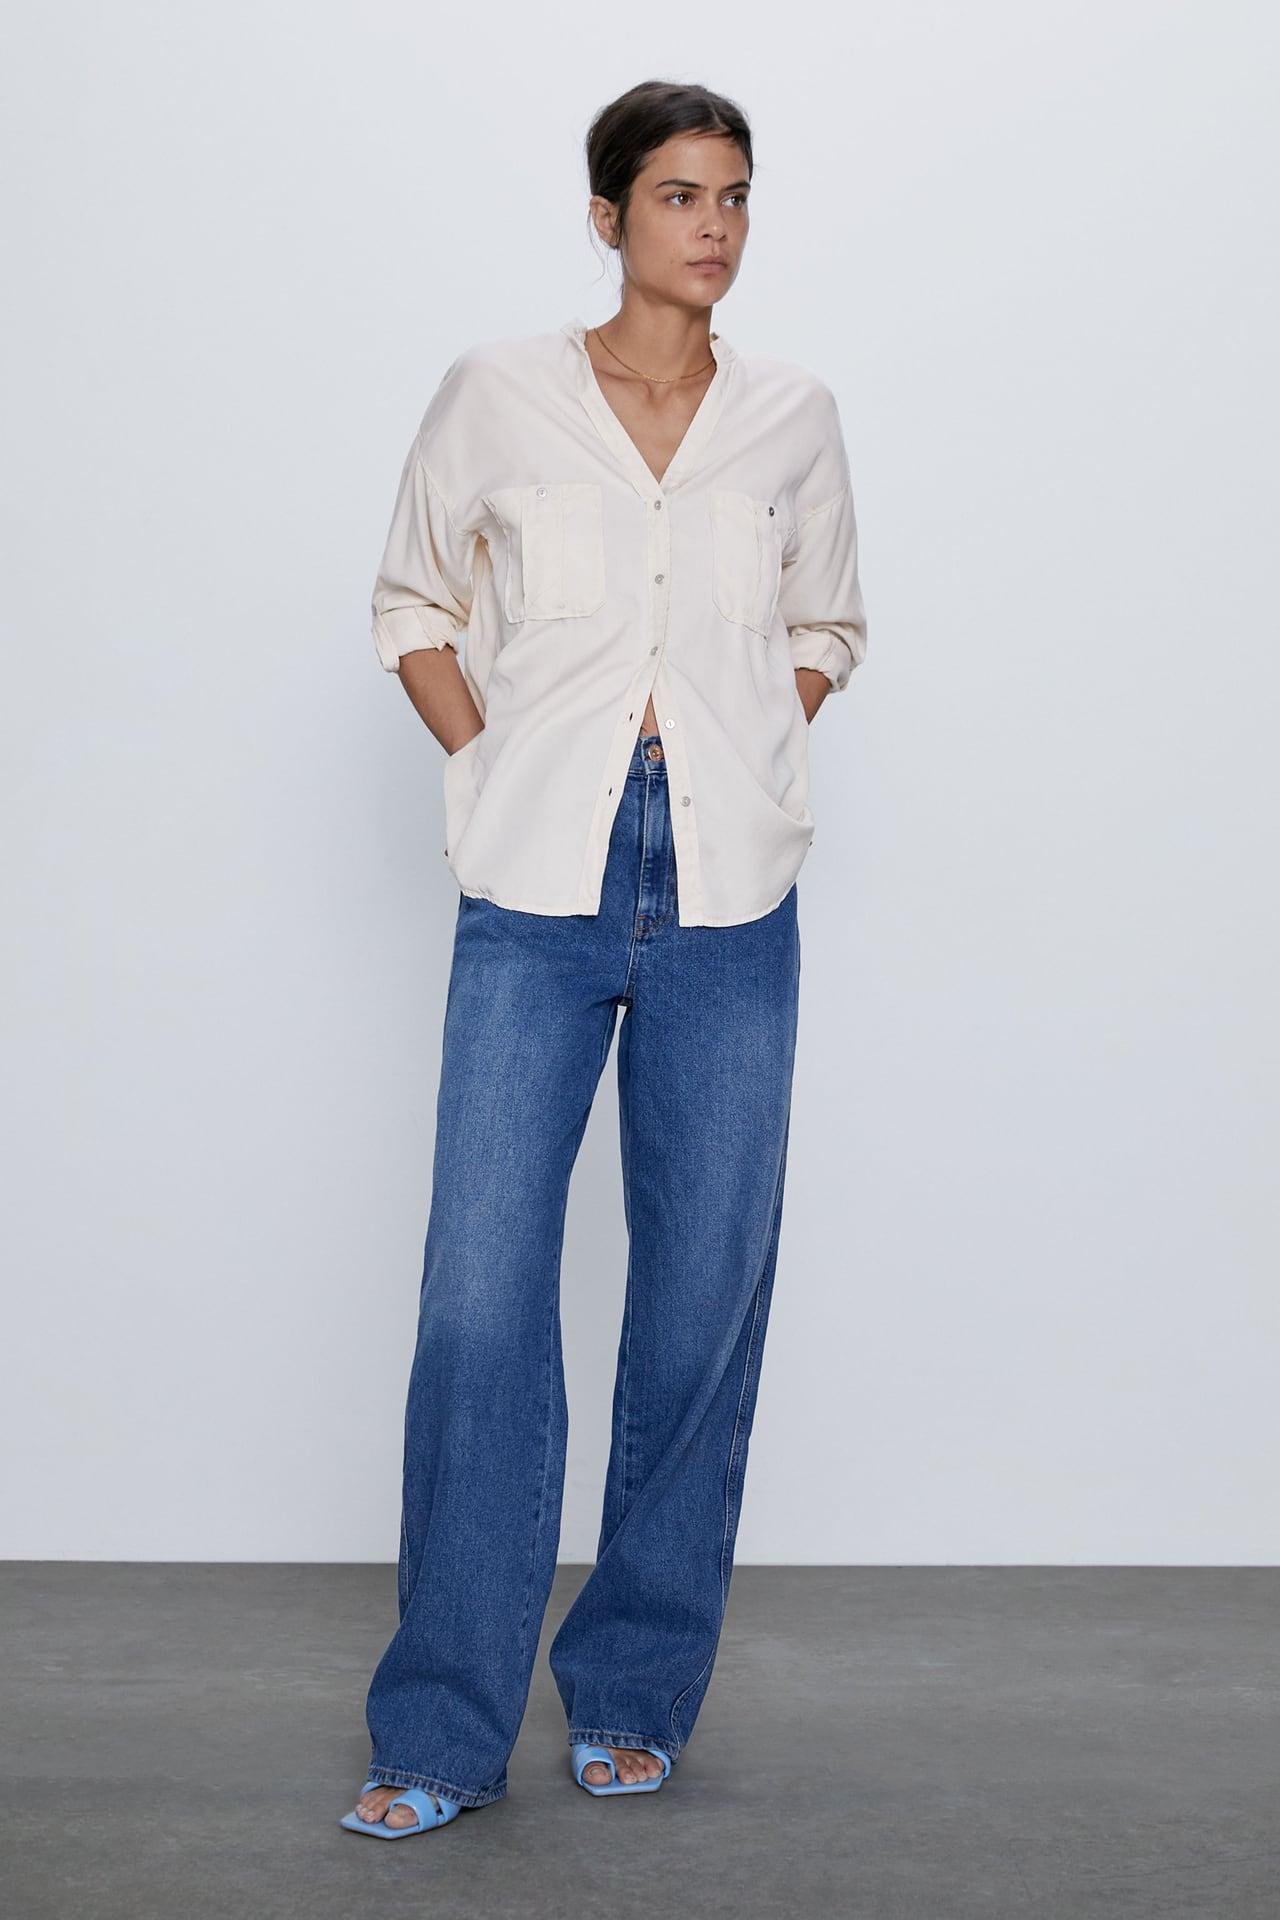 Η Κέιτ Μίντλετον με κομψό καθημερινό πουκάμισο από τα Zara- Κοστίζει μόλις 26 ευρώ! (εικόνα)